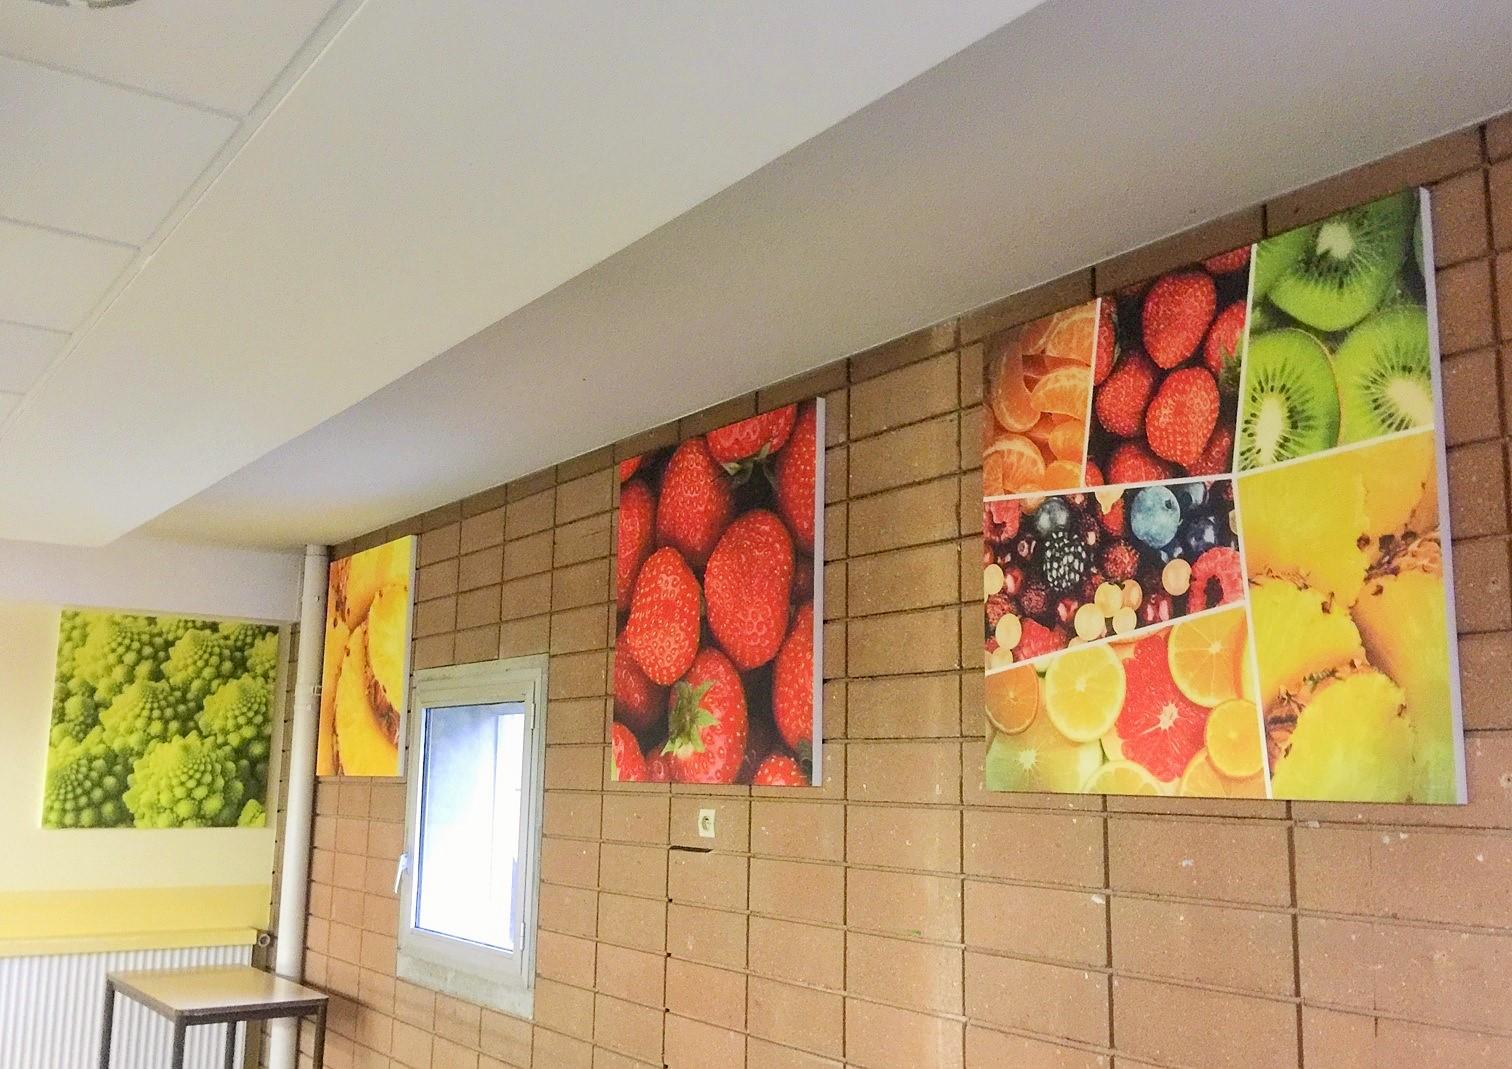 Panneaux acoustiques - Panneaux Acoustic Panel 2V picture posé au mur par suspension